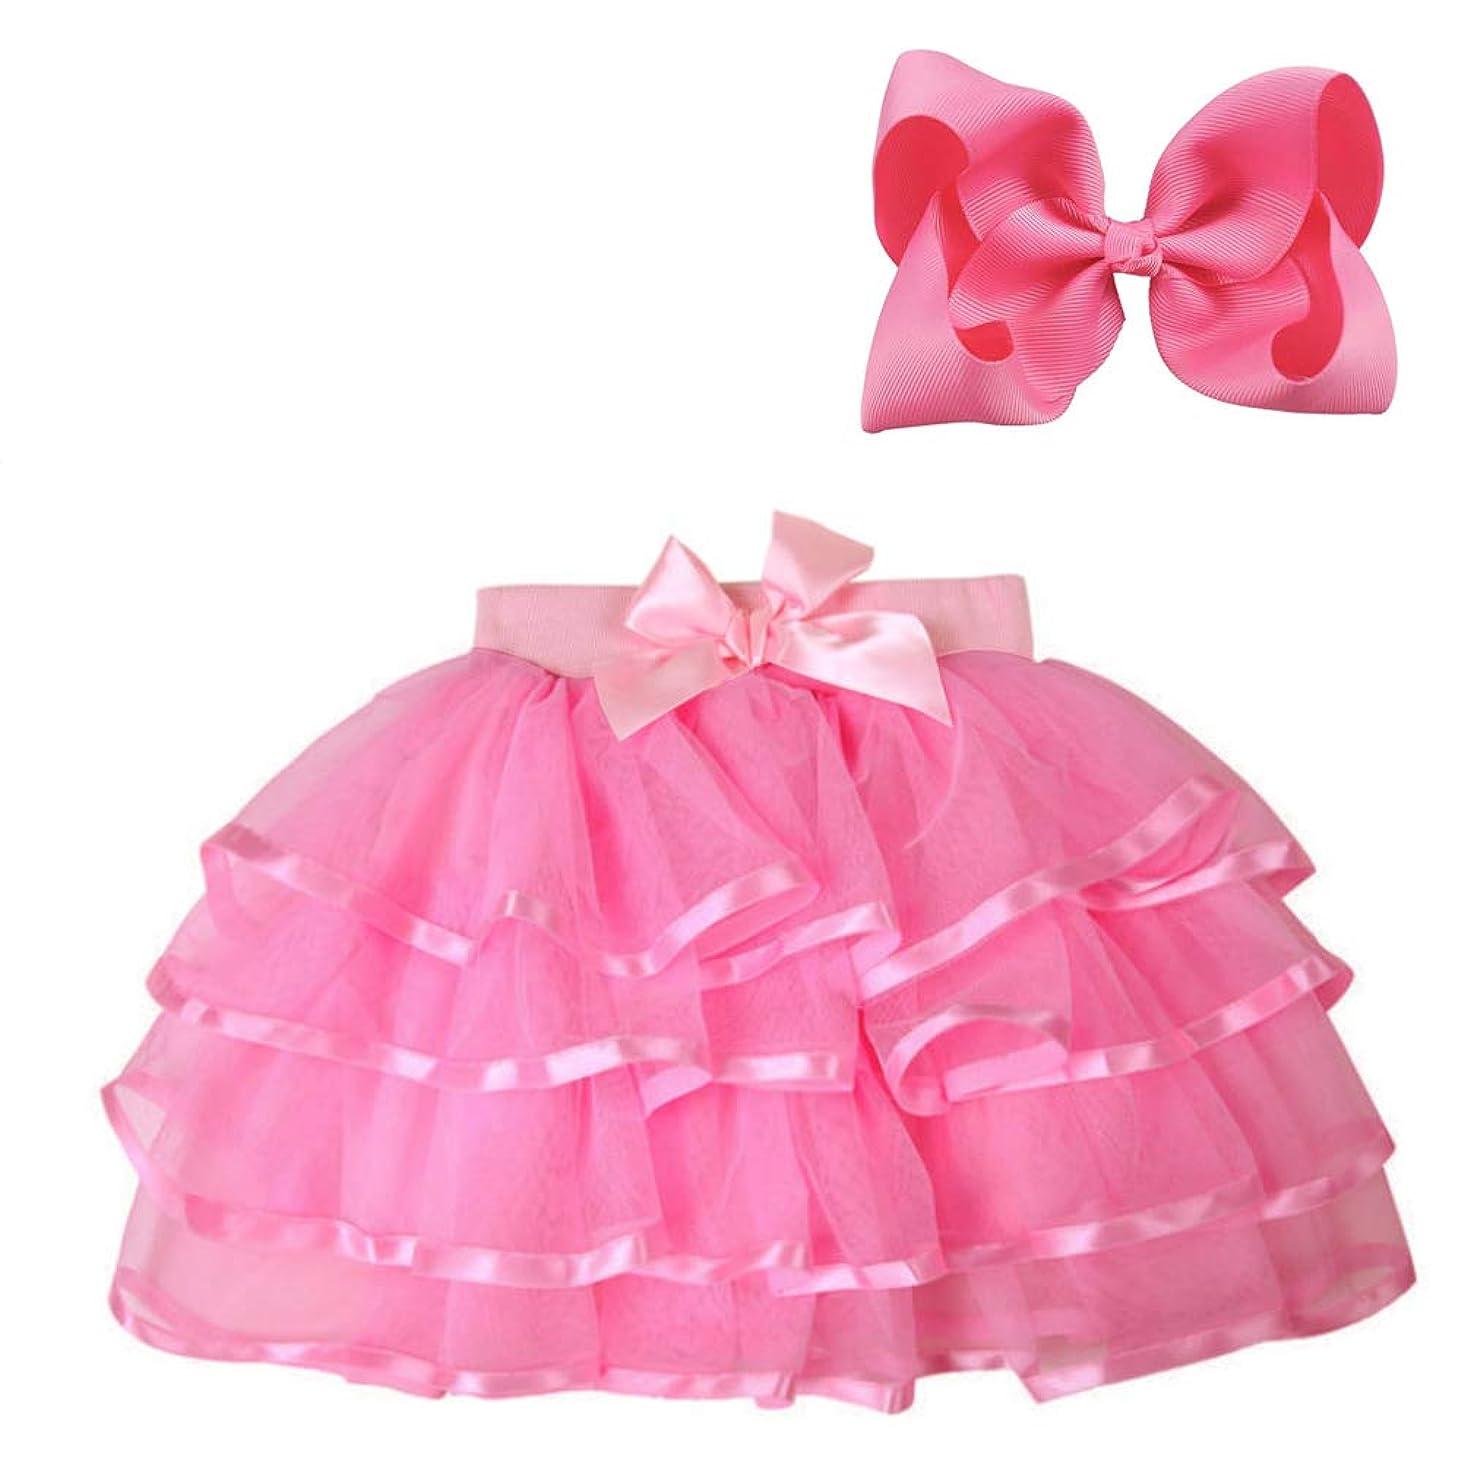 BGFKS 4 Layered Tulle Tutu Skirt for Girls with Hairbow or Birthday Sash,Girl Ballet Tutu Skirt